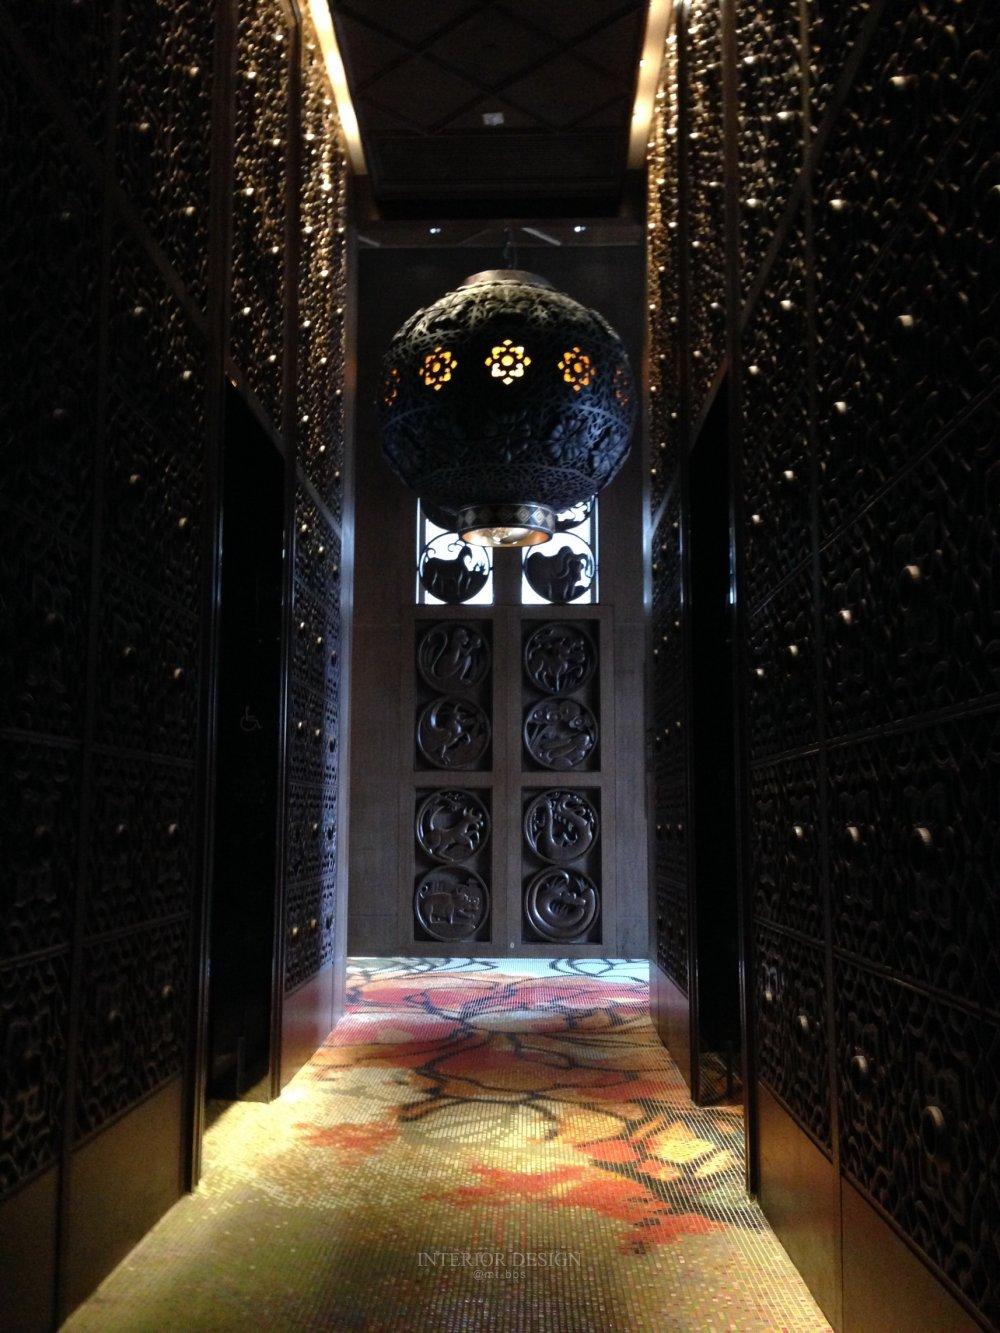 香港湾仔美丽华精品酒店Mira Moon Hotel  自拍分享_IMG_4182.JPG